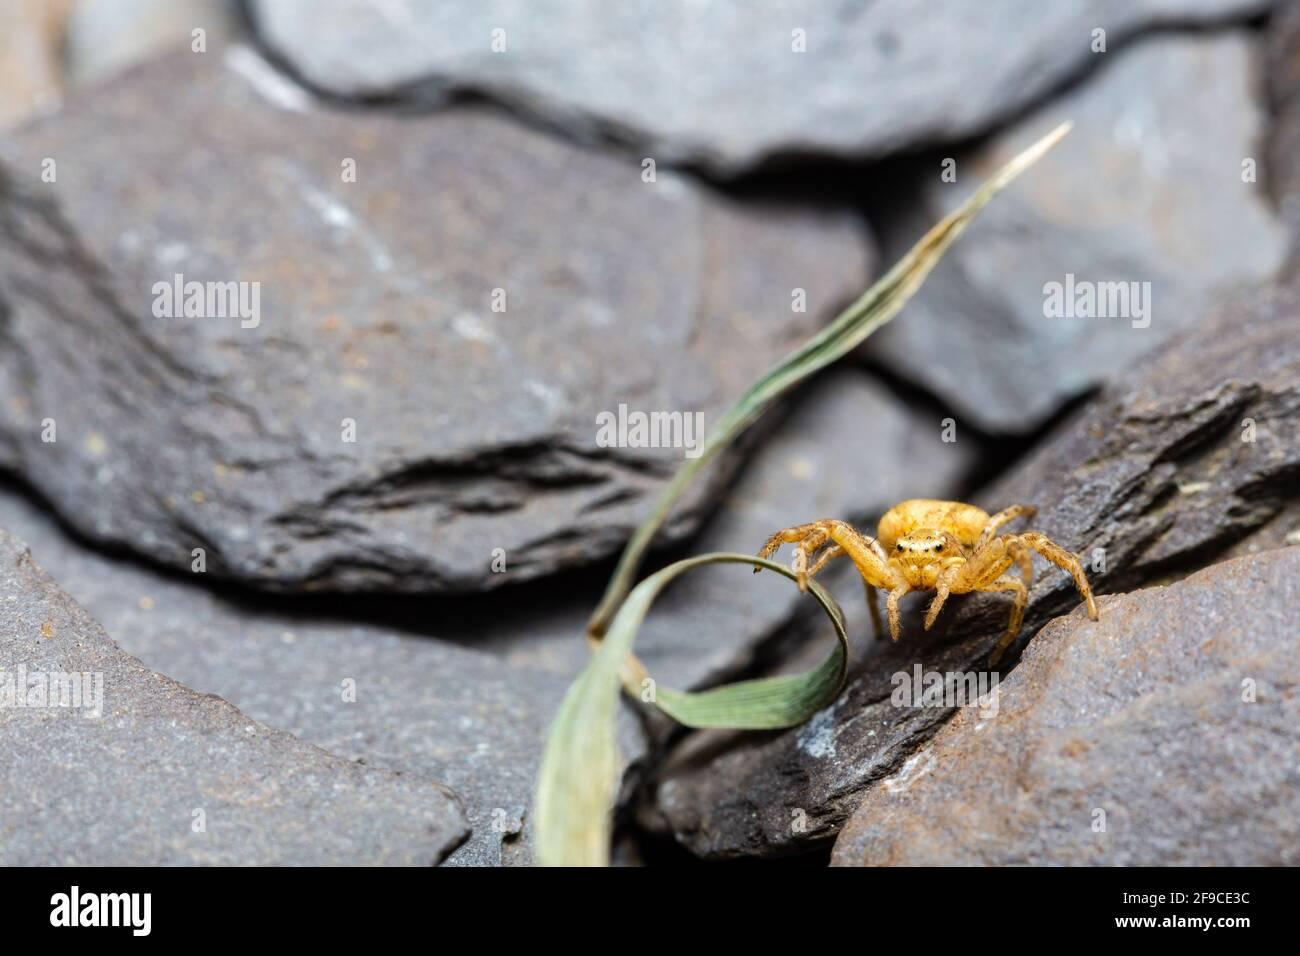 Gewöhnliche Krabbenspinne / Xysticus sp. Stockfoto